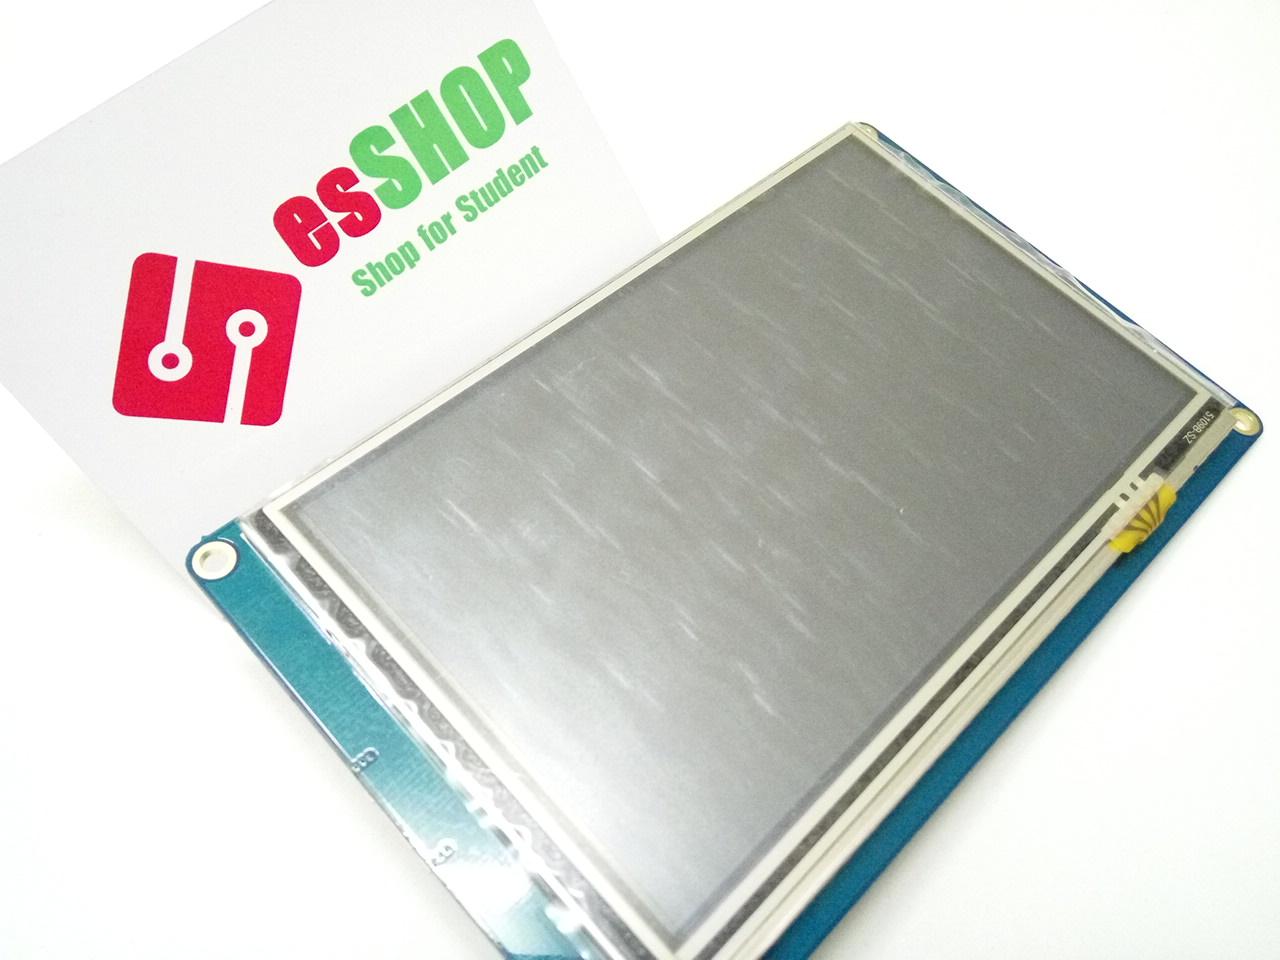 Z3350B116 - Màn Hình HMI UART Cảm Ứng Nextion (TJC) 5 Inch